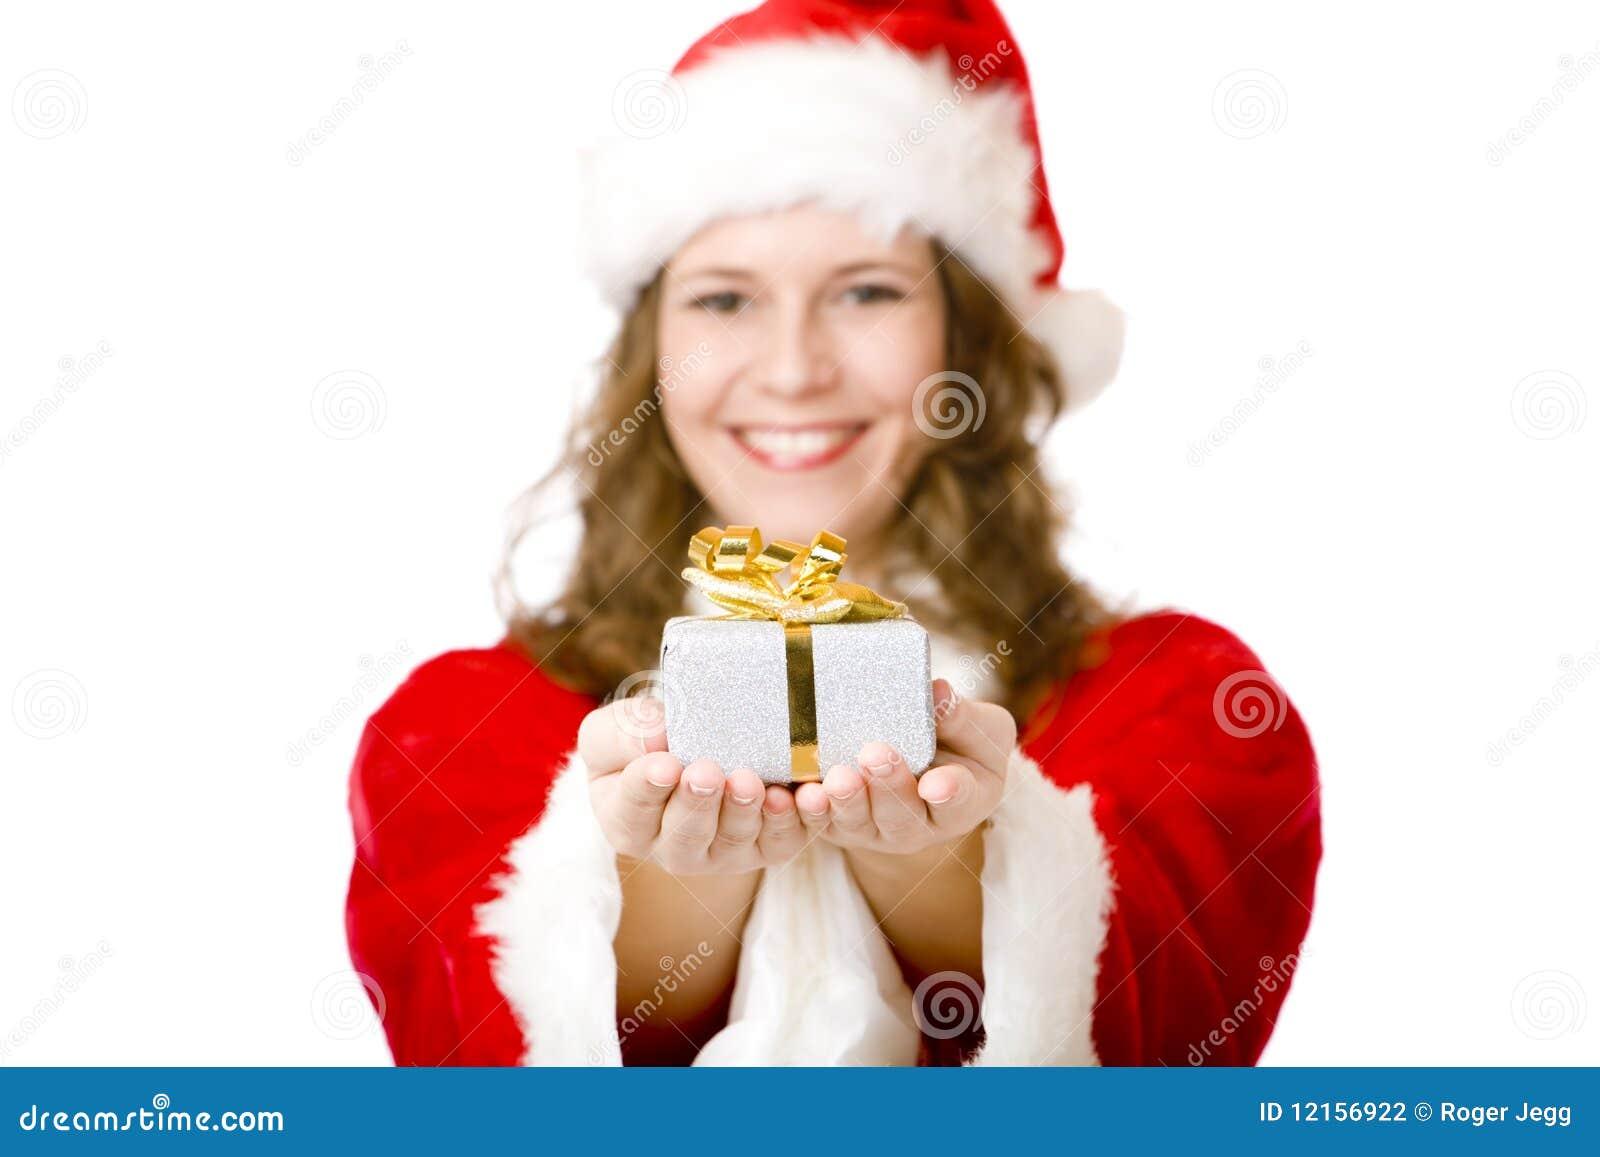 Glückliche Weihnachtsmann-Frau, Die Weihnachtsgeschenk Gibt ...